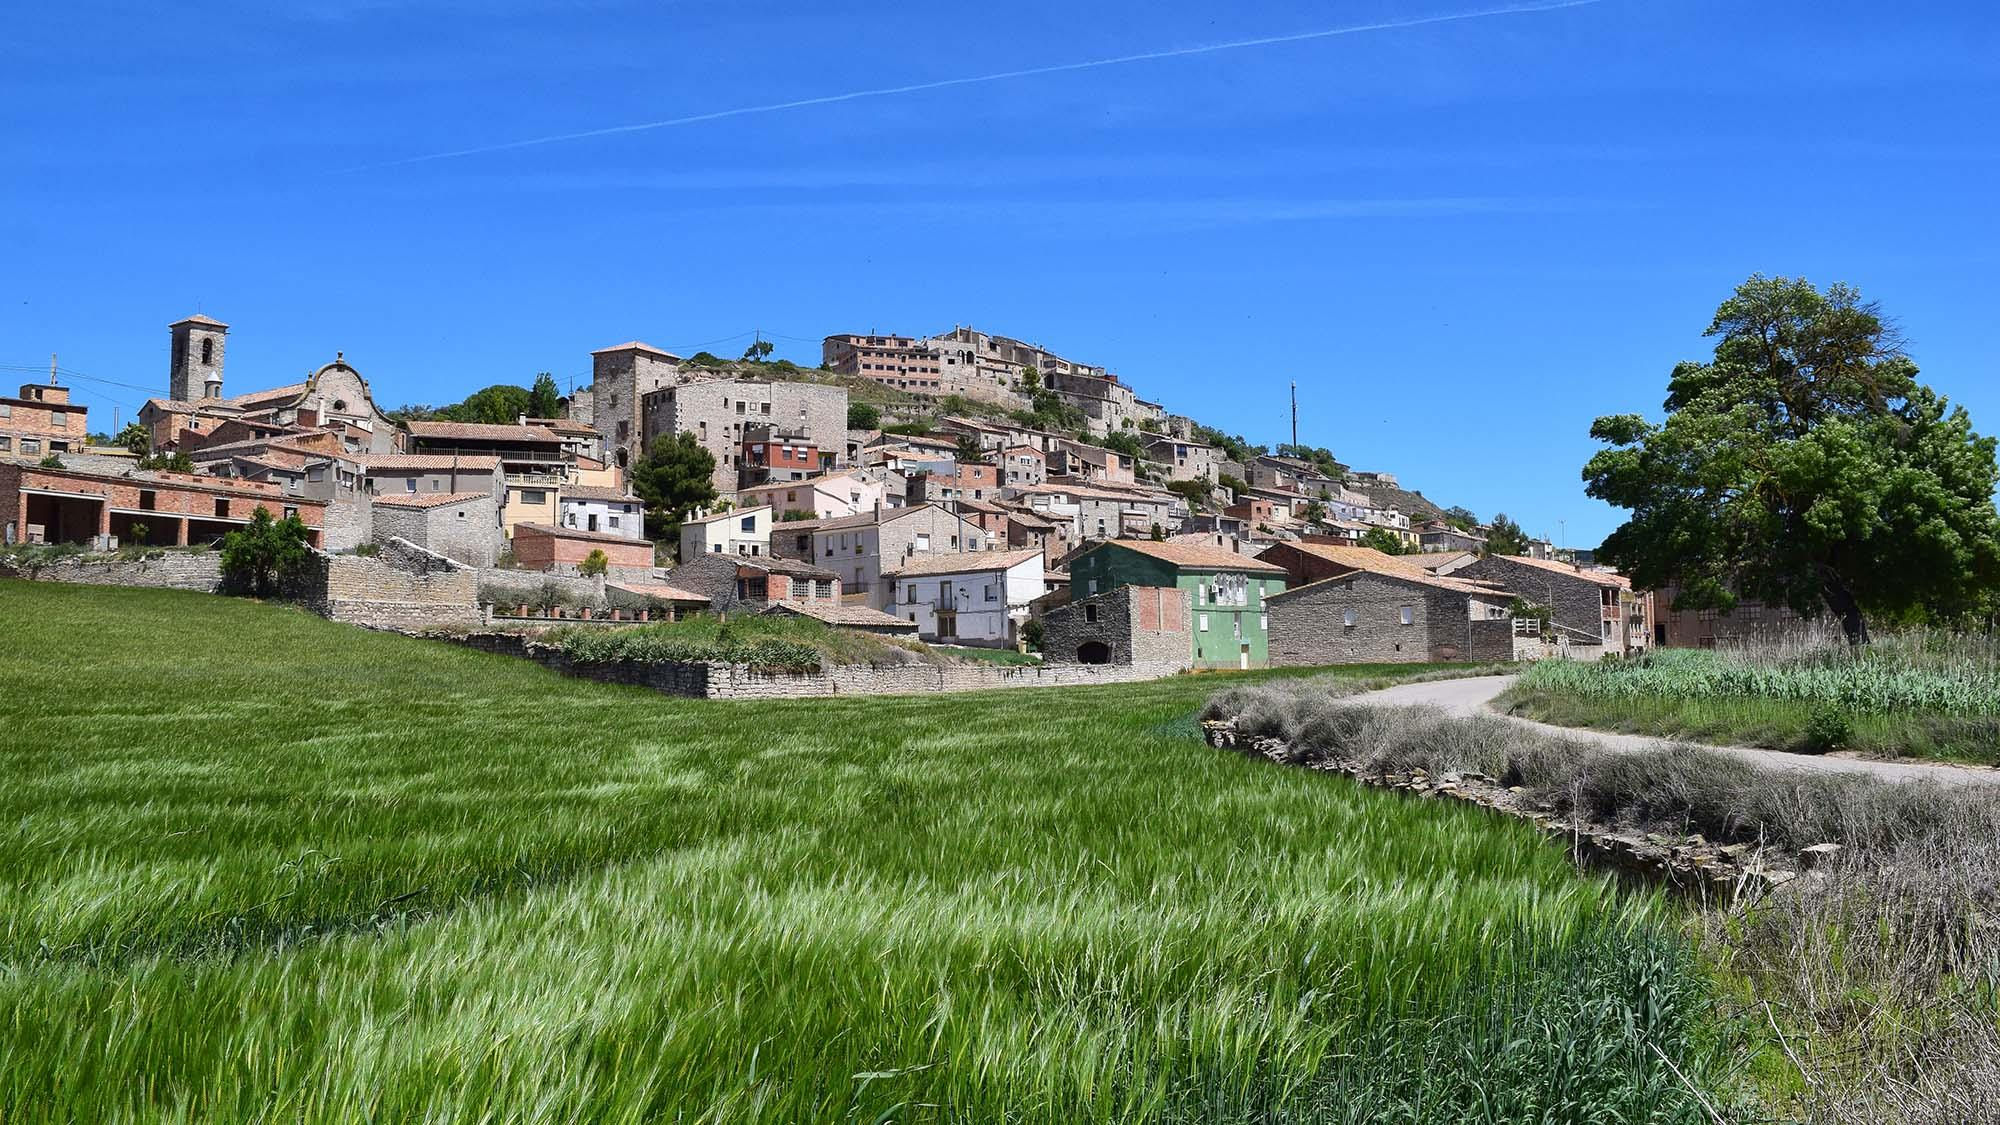 Ruta de senderisme Les Oluges - Vergós Guerrejat